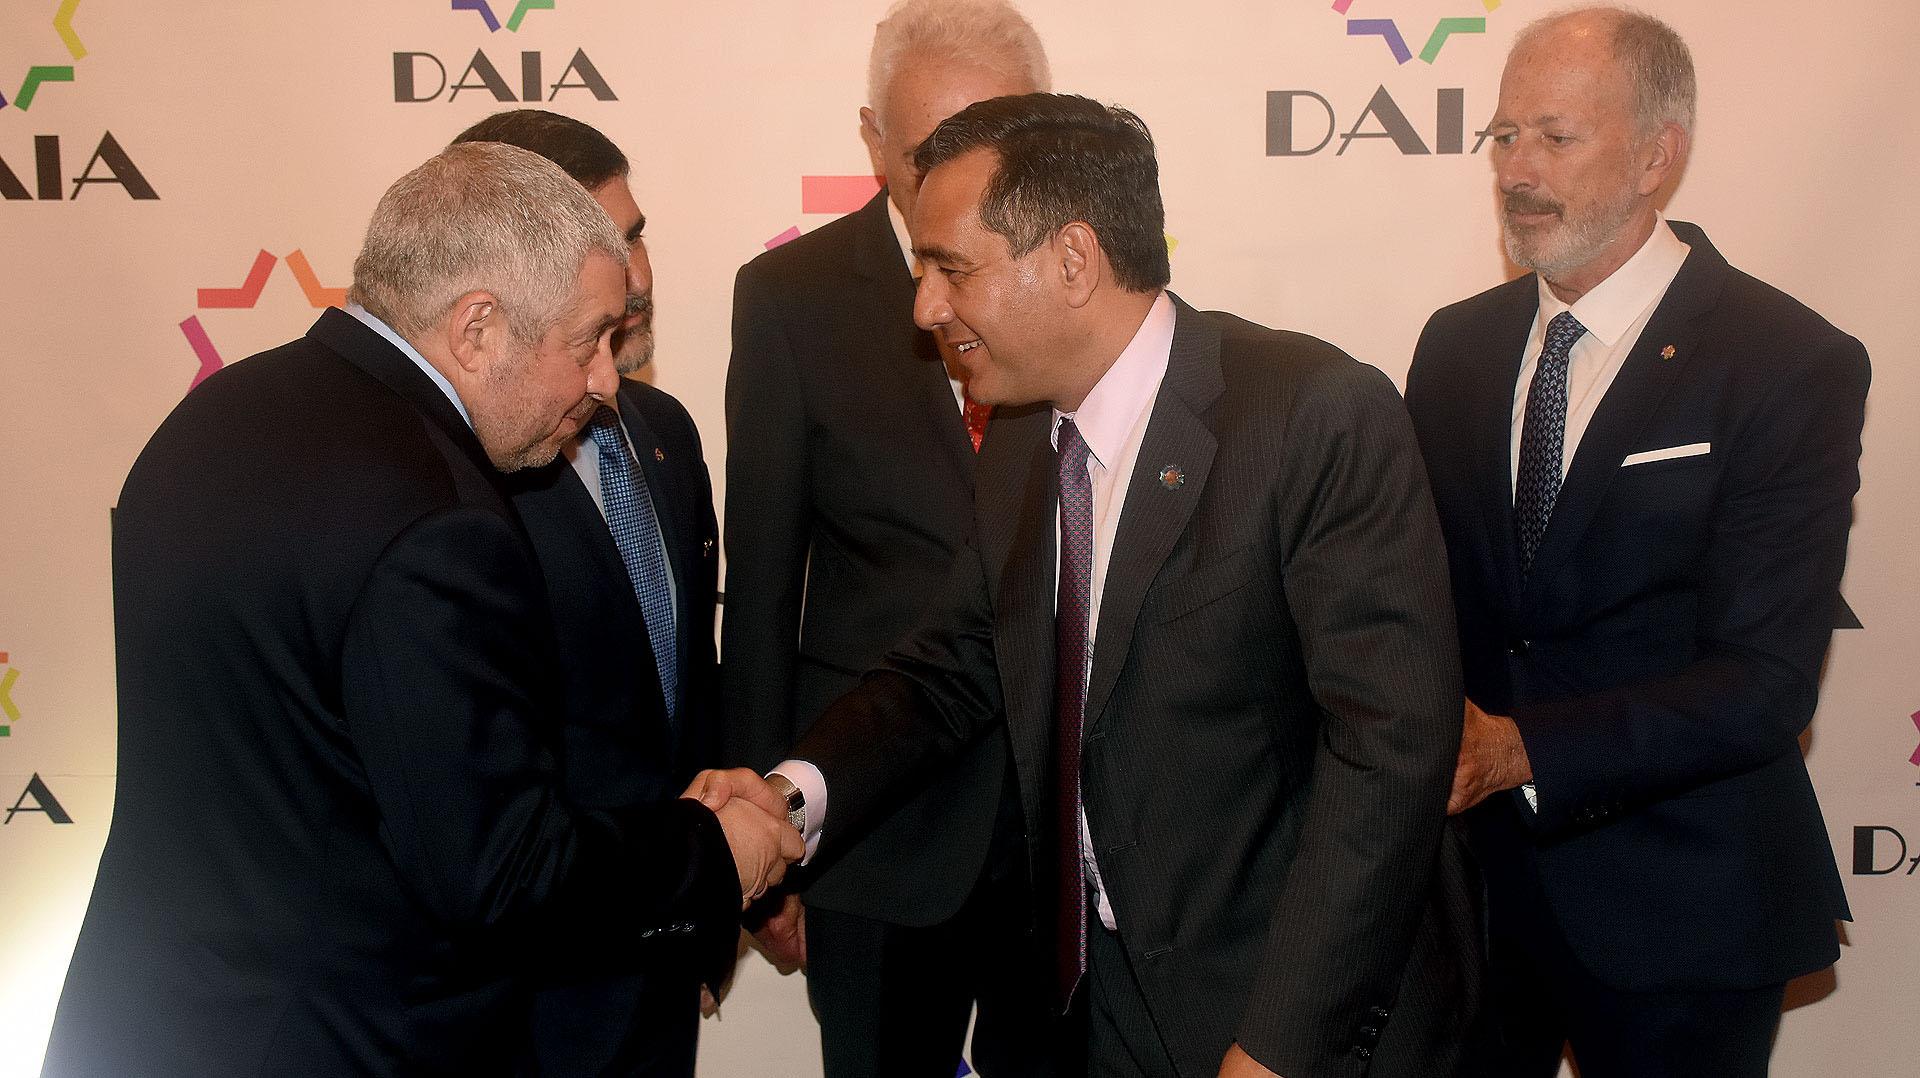 Marcos Cohen, tesorero de la DAIA; Alejandro Zuchowicki, secretario general; David Stalman, vicepresidente primero, y el presidente Jorge Knoblovitz saludan al ministro Alejandro Finocchiaro